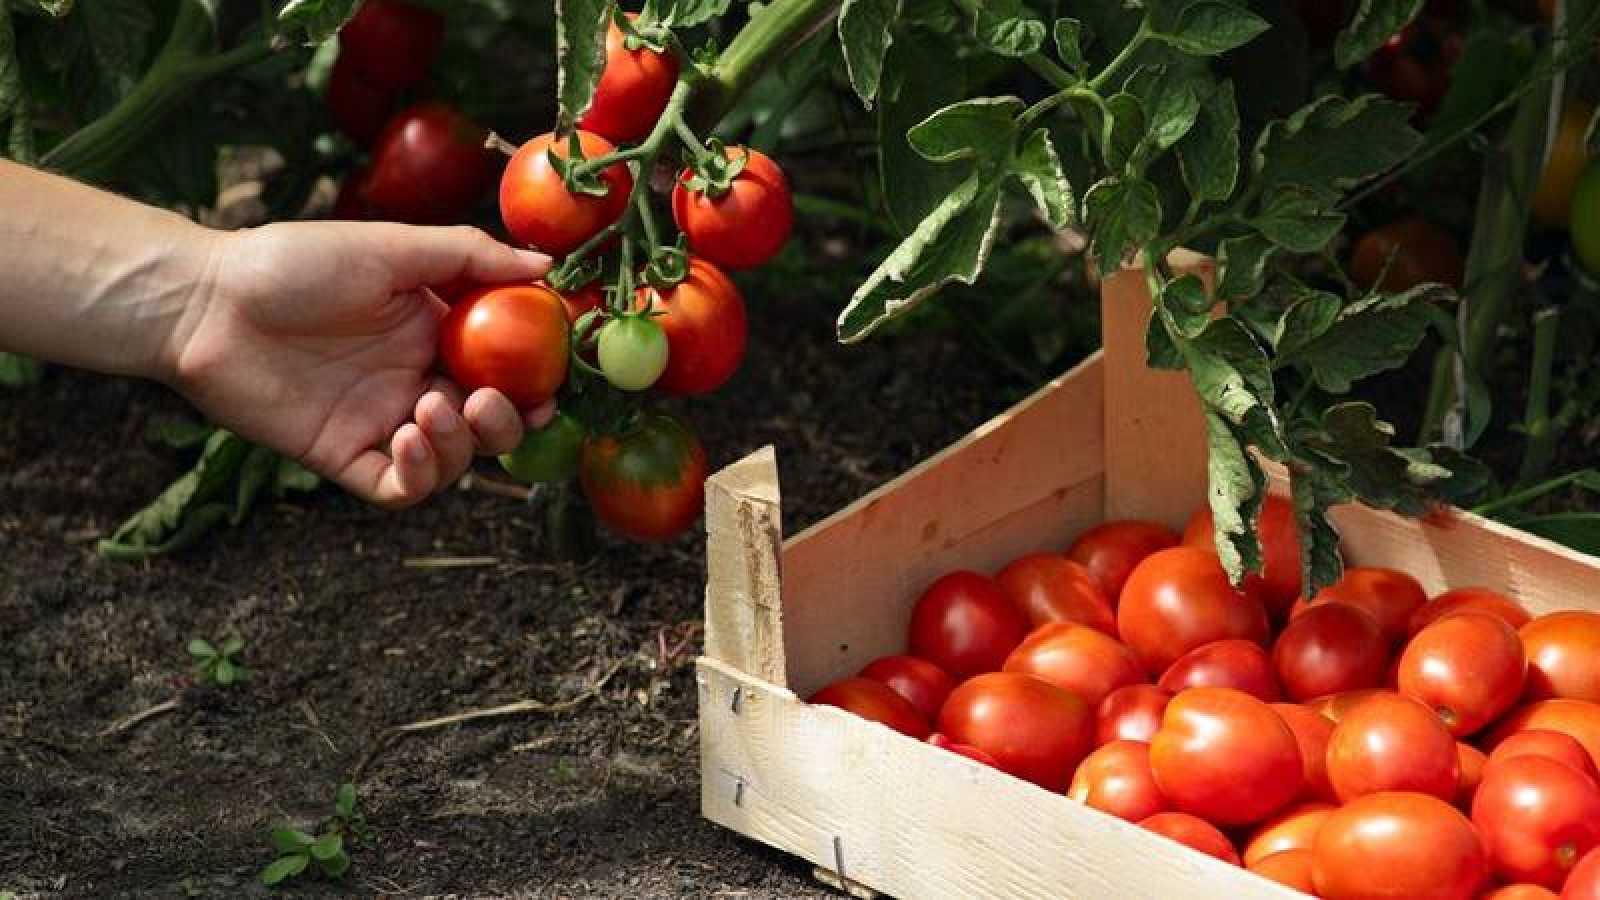 El extracto lipídico de tomate ha sido ampliamente estudiado debido a sus efectos beneficiosos en la salud humana.